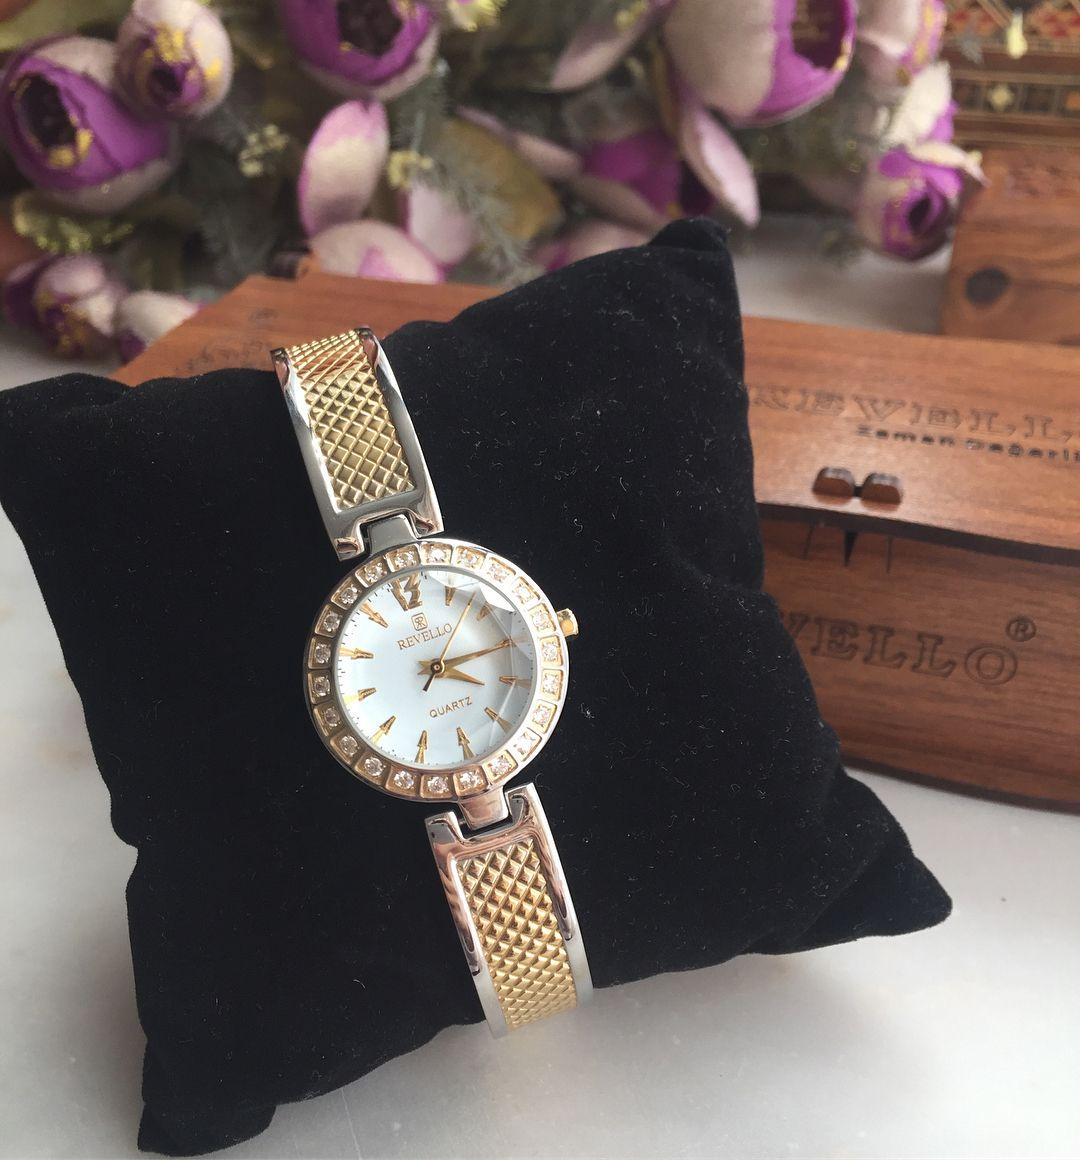 Revello Bayan Kol Saati Etiketli Orijinal Ahsap Kutusu Ile Gonderilecektir Vintage Vintagesaat Vintagewatch Saat S In 2020 Bracelet Watch Accessories Wrap Watch